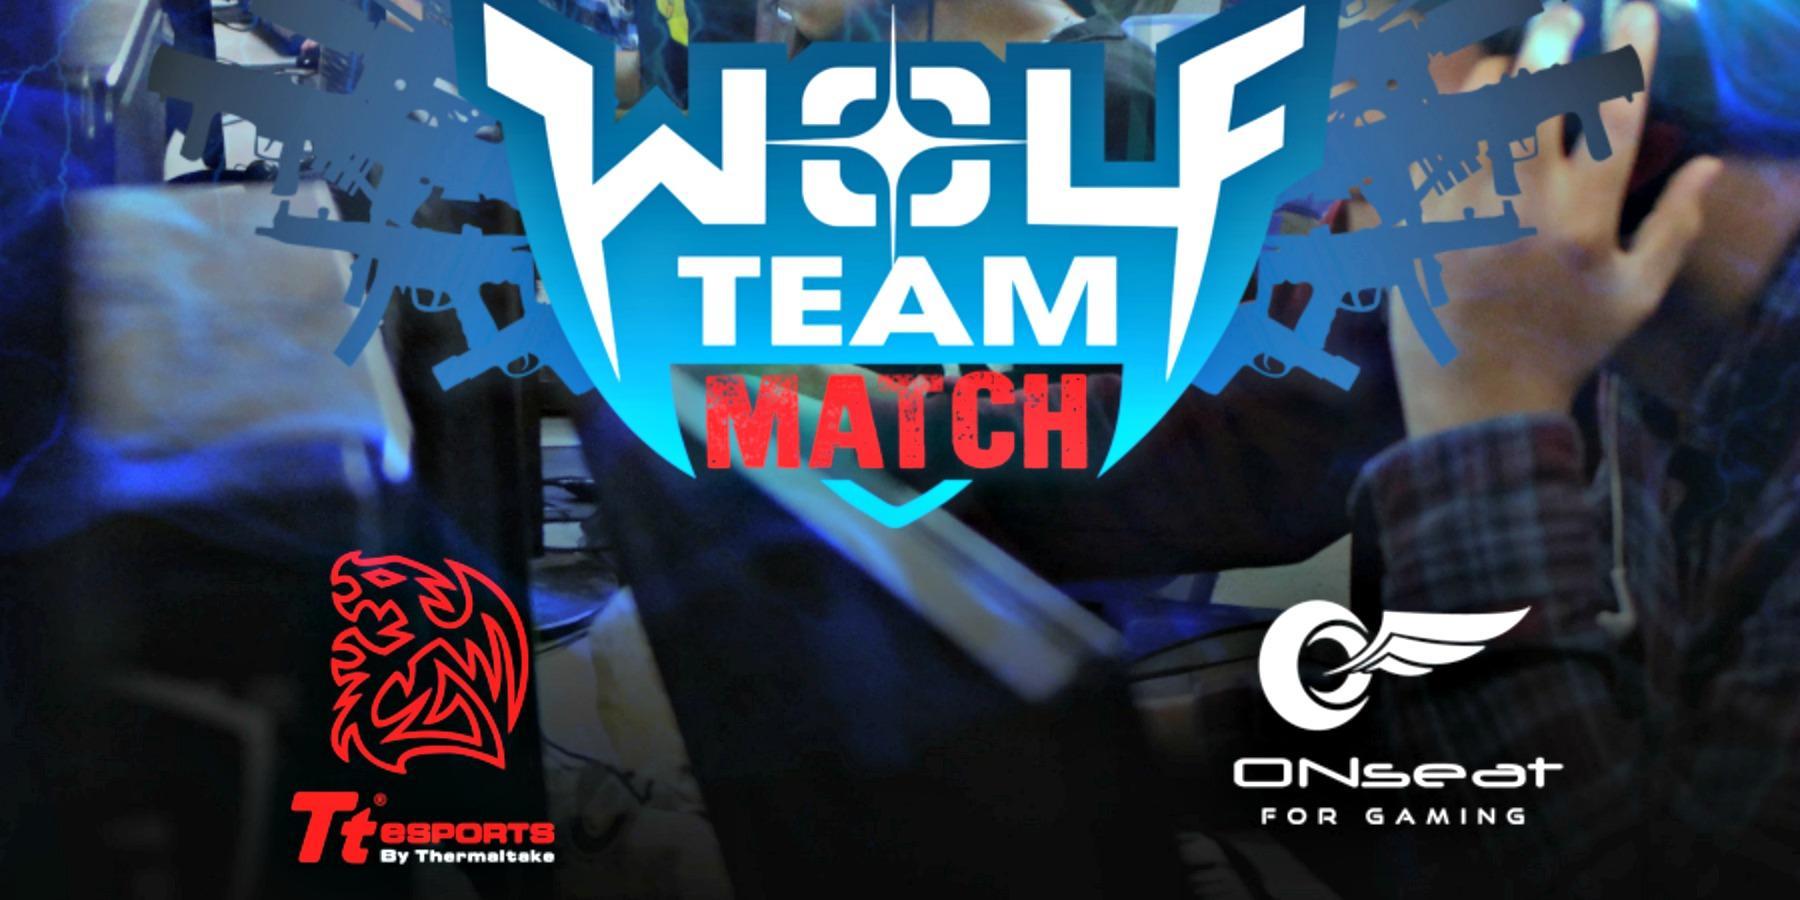 Softnyx y poderosas marcas se asocian para presentar Wolfteam Match 2016